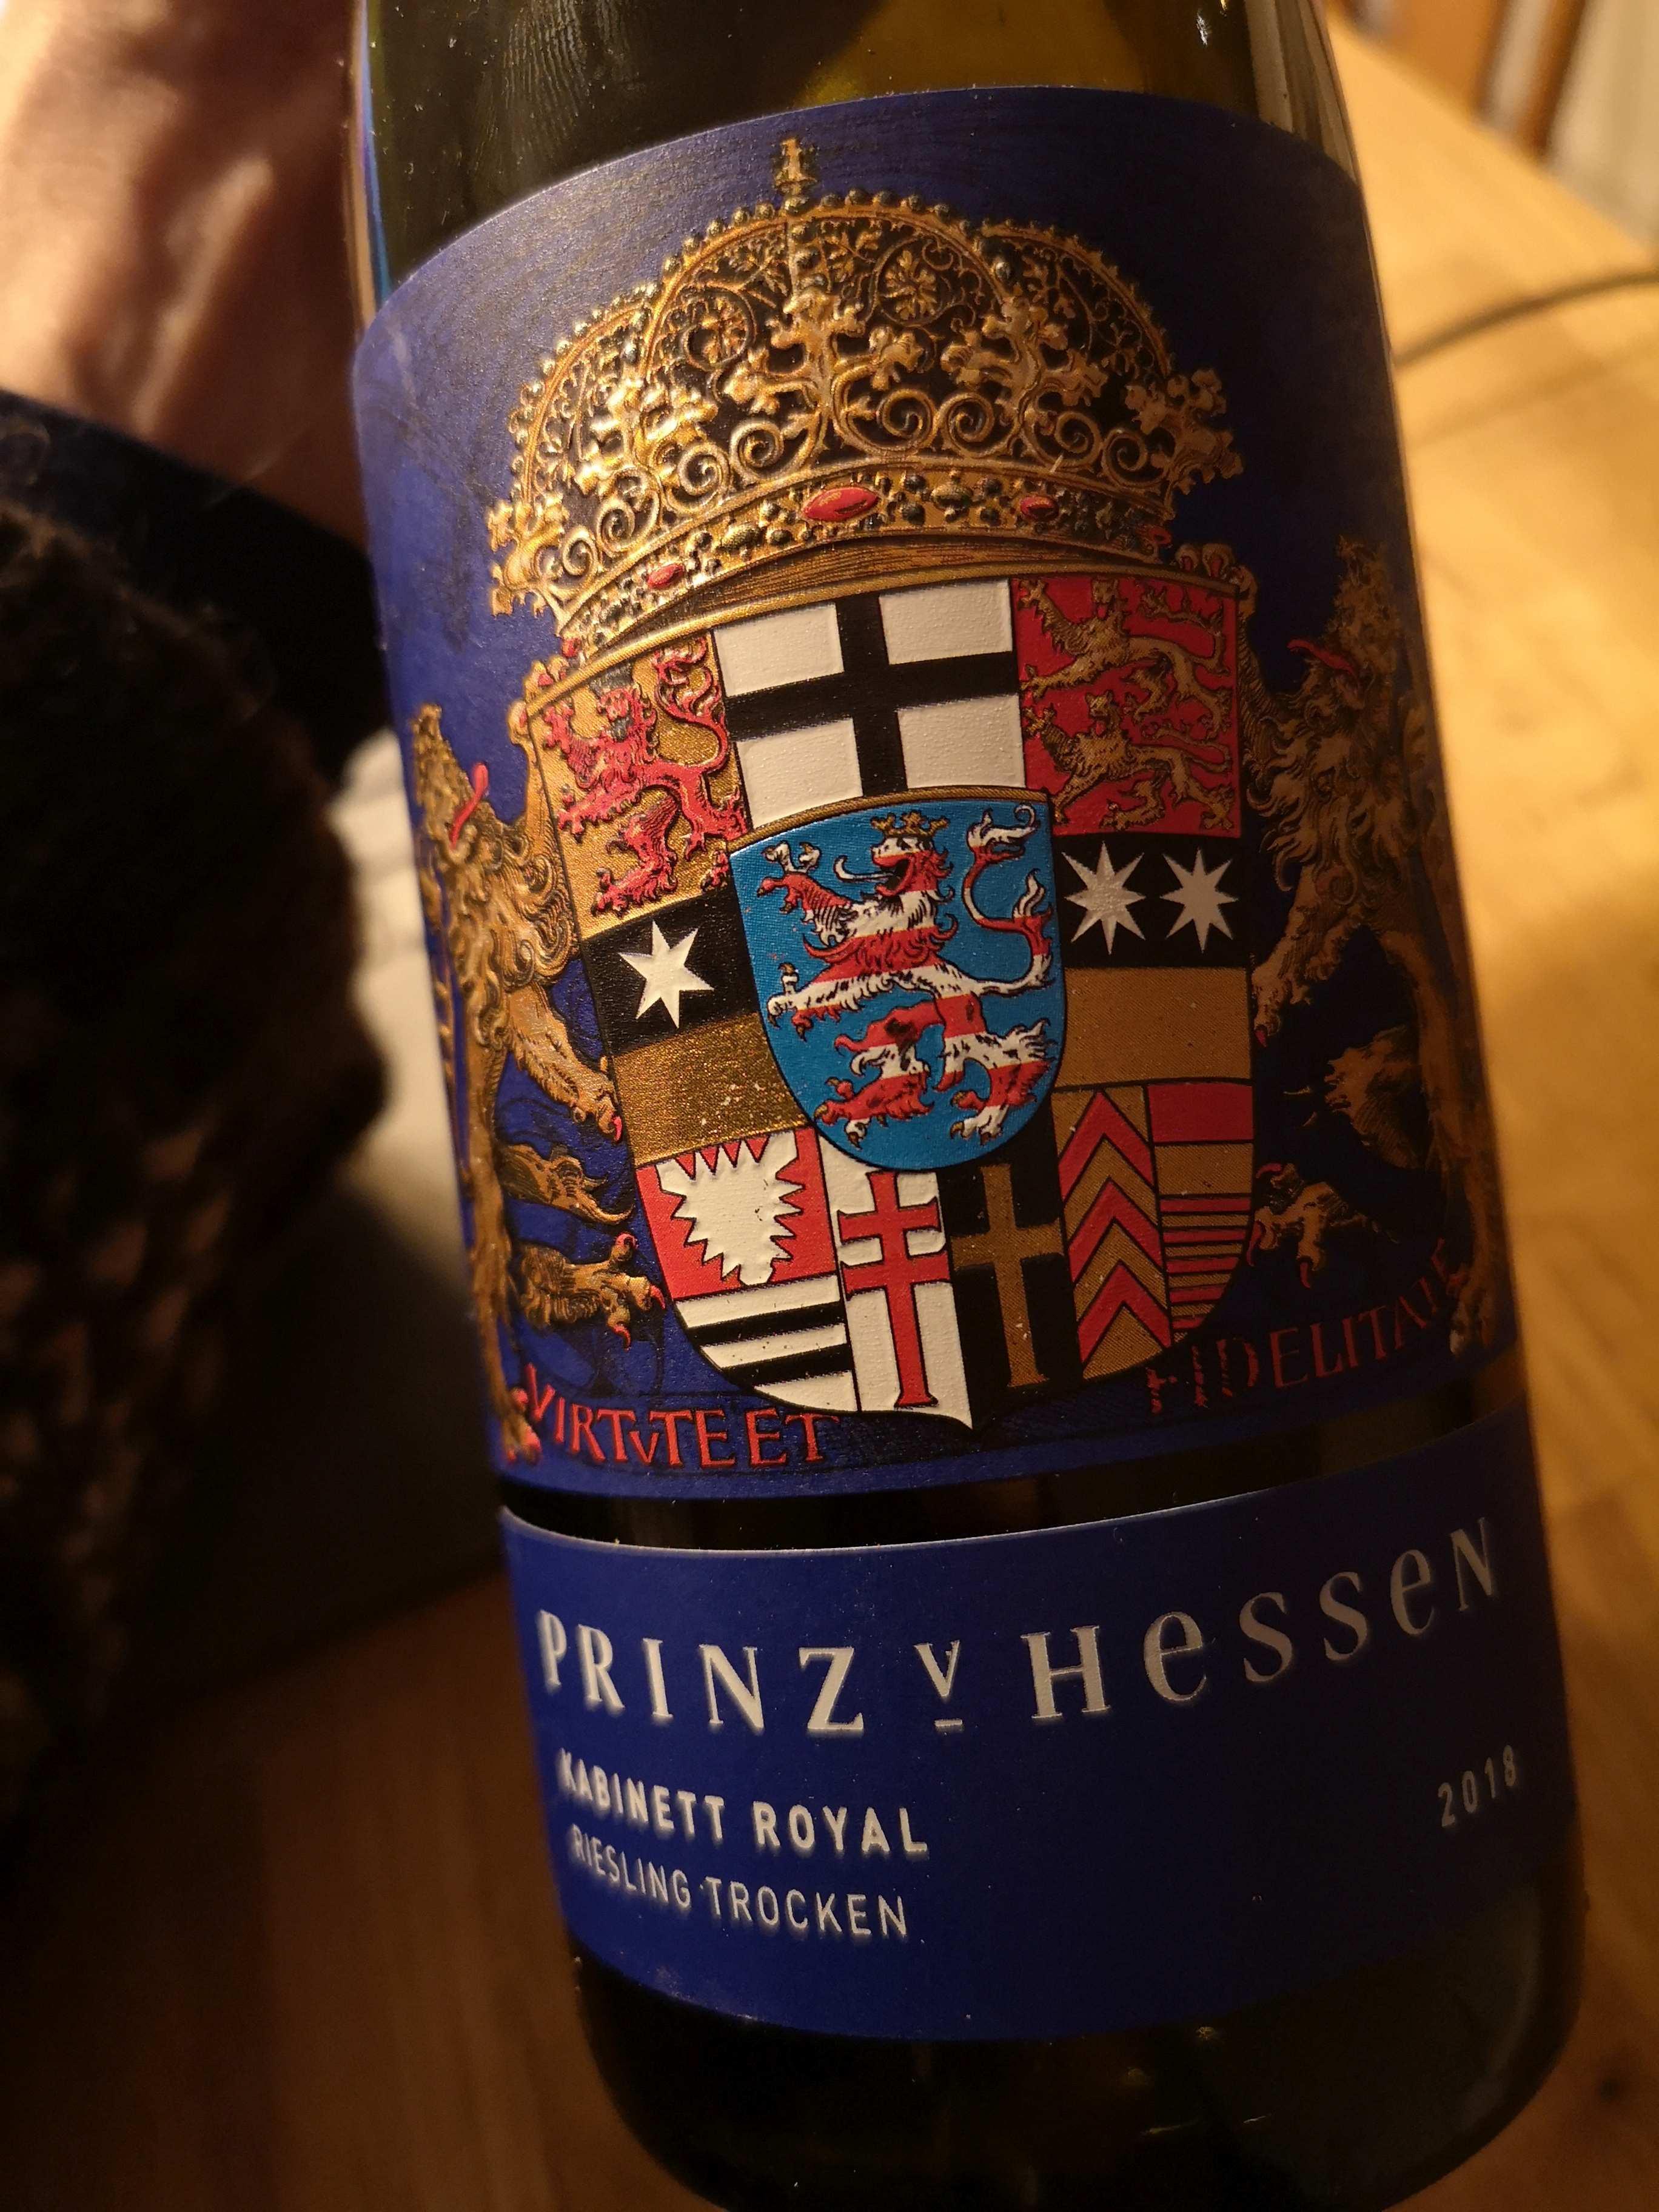 Prinz von Hessen Riesling